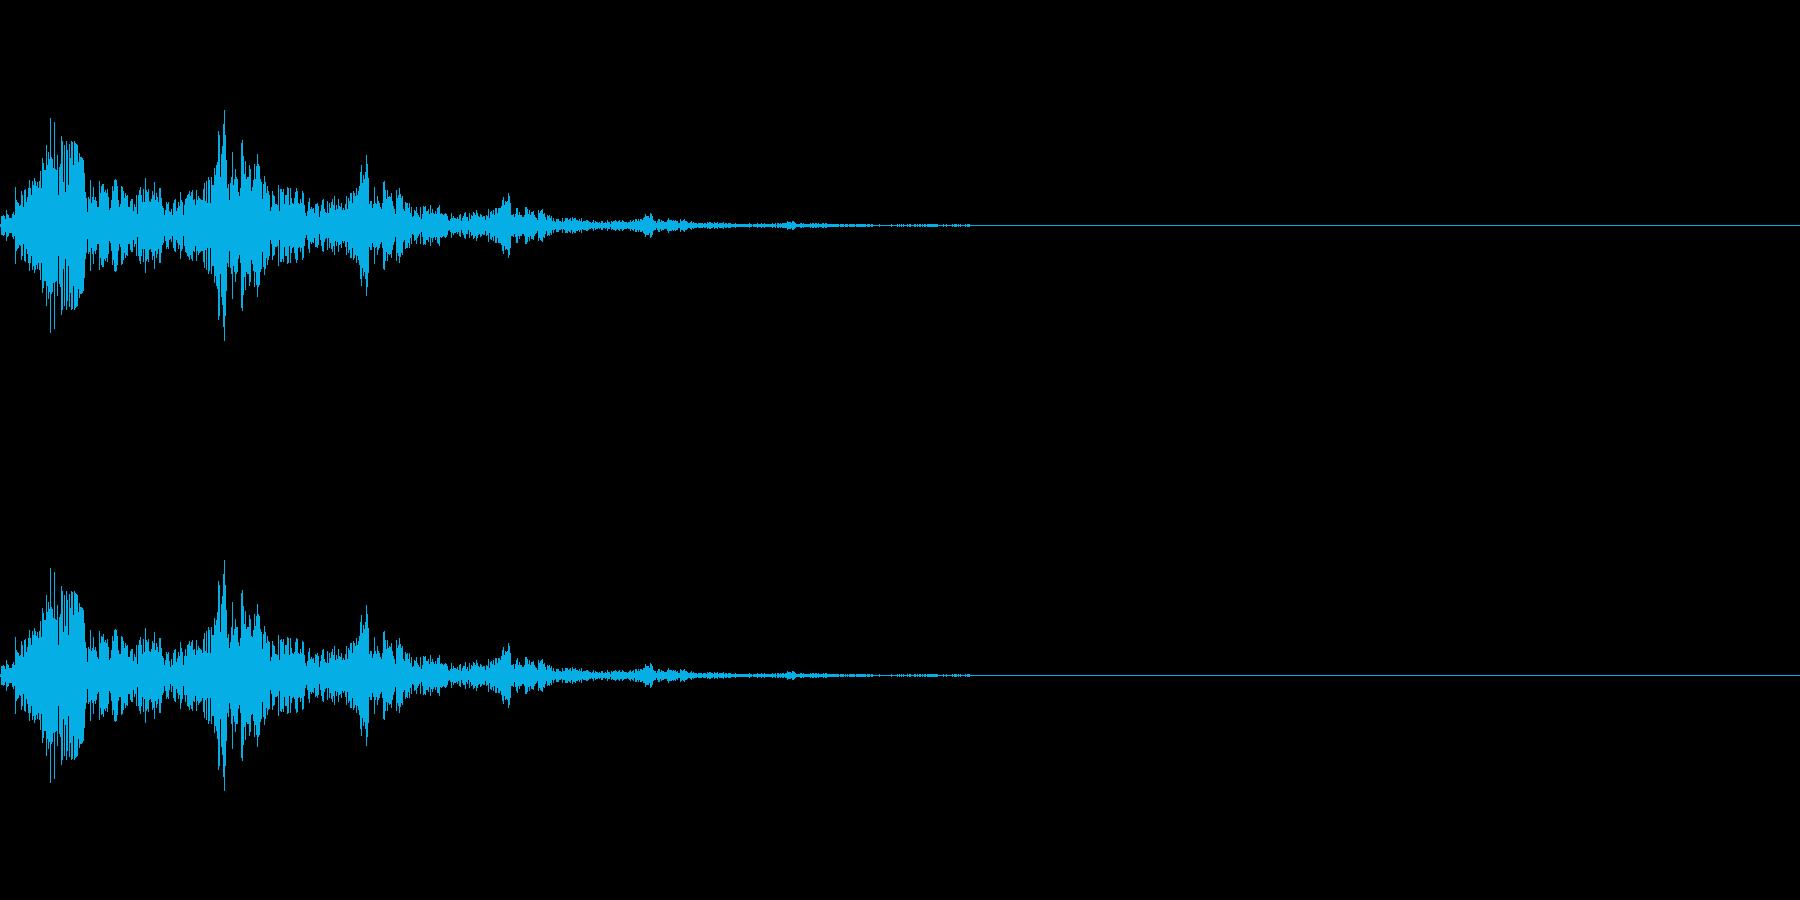 選択、決定等のシステム効果音のイメージ…の再生済みの波形